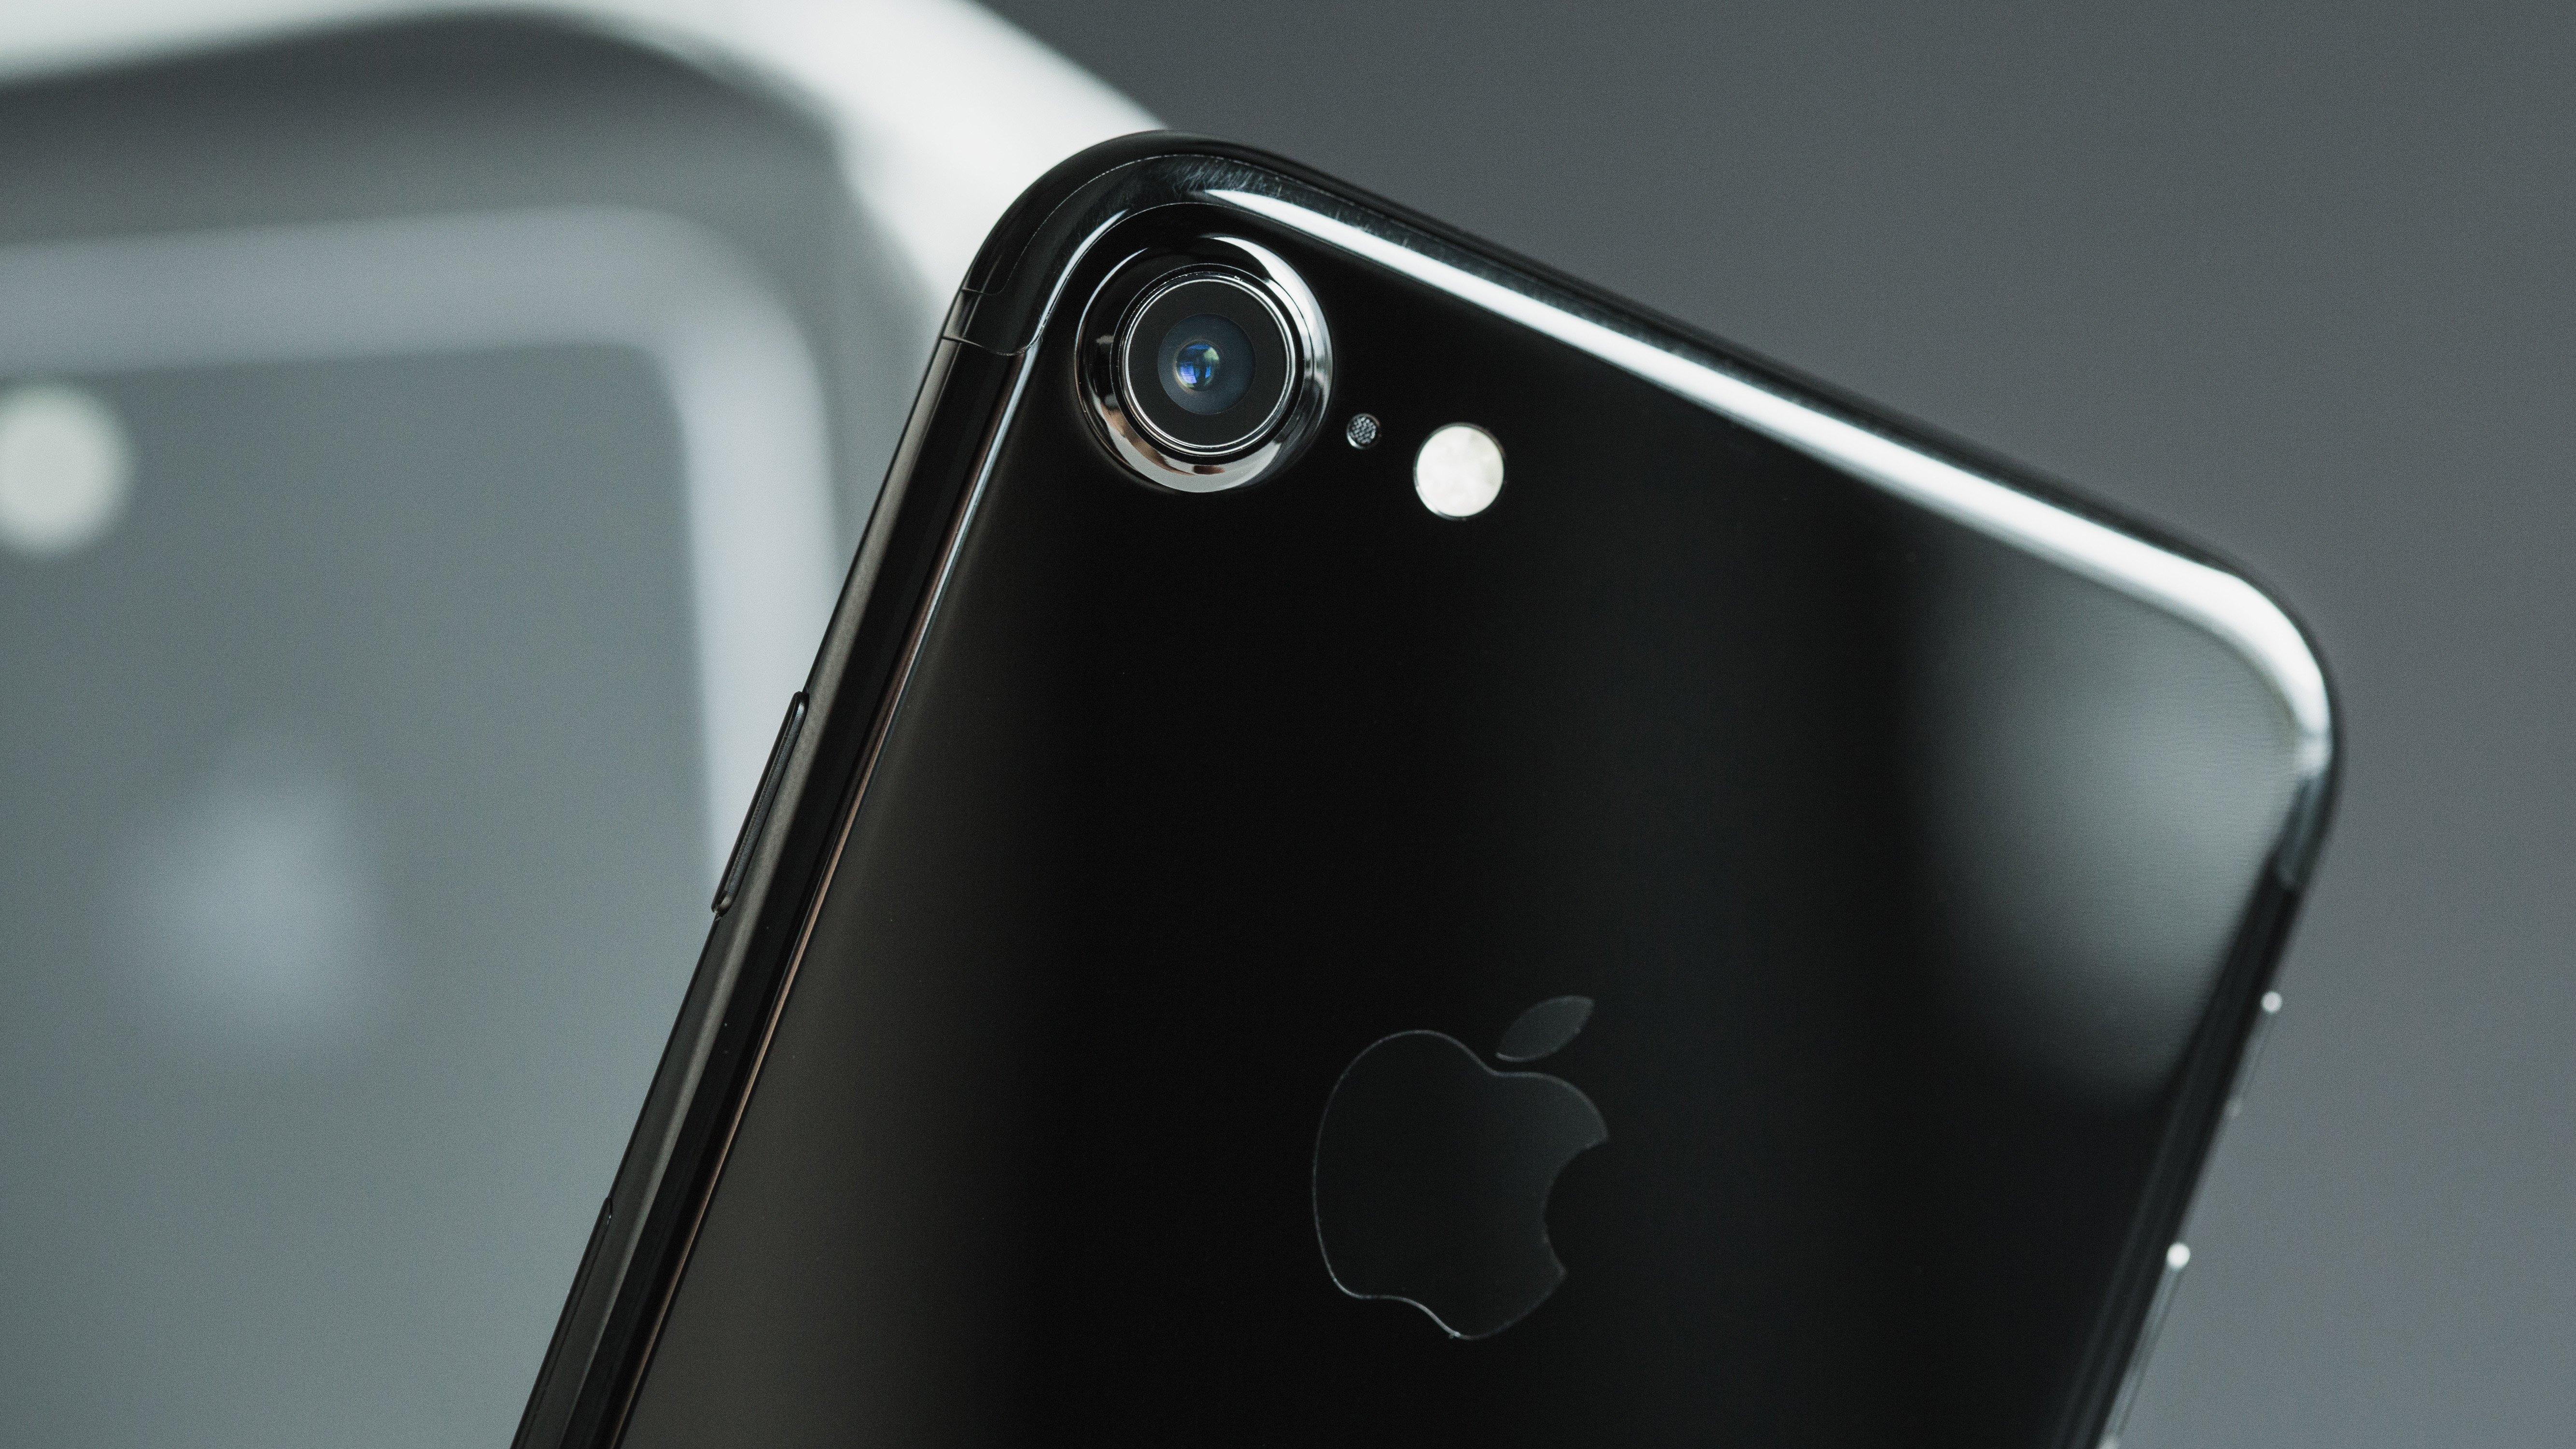 Gibt der hohe SAR-Wert beim iPhone 7 Anlass zur Sorge? | AndroidPIT